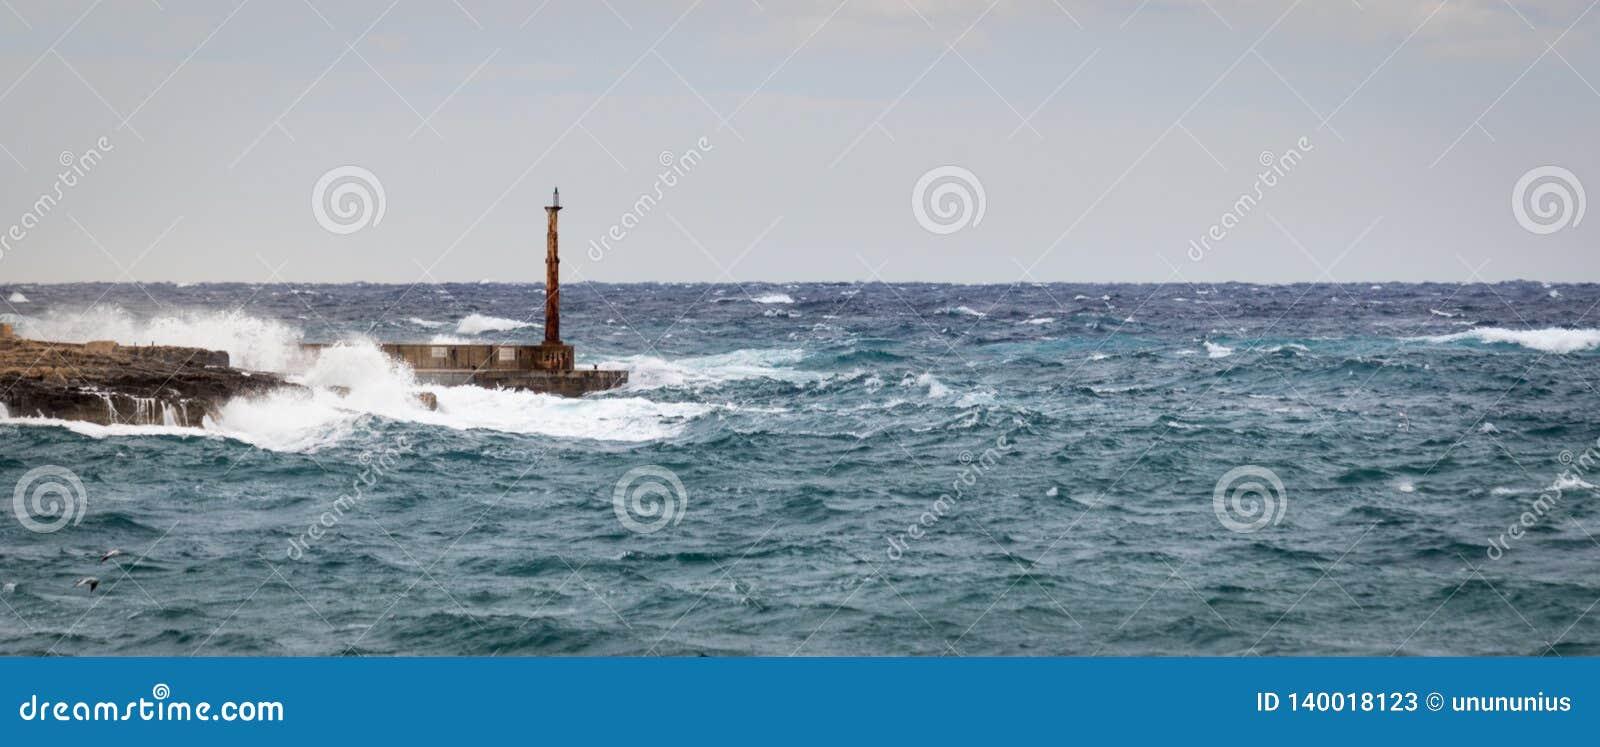 Tour, brise-lames et phare résister à la mer crue et aux hautes vagues